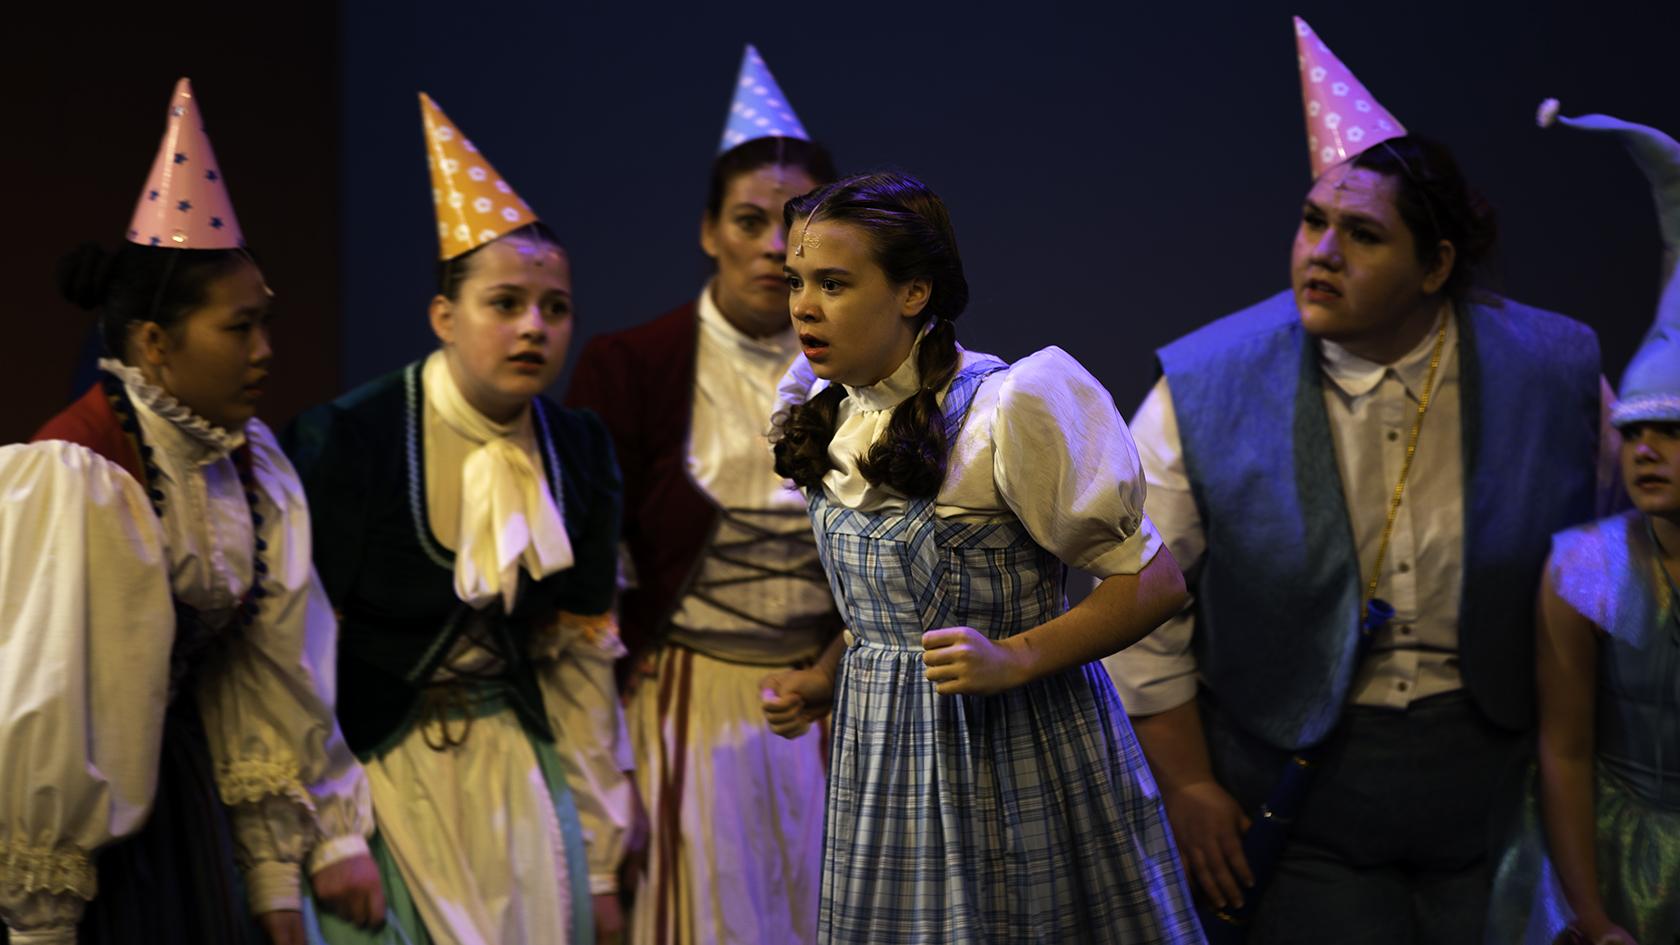 Dorothy in Oz_02176.jpg